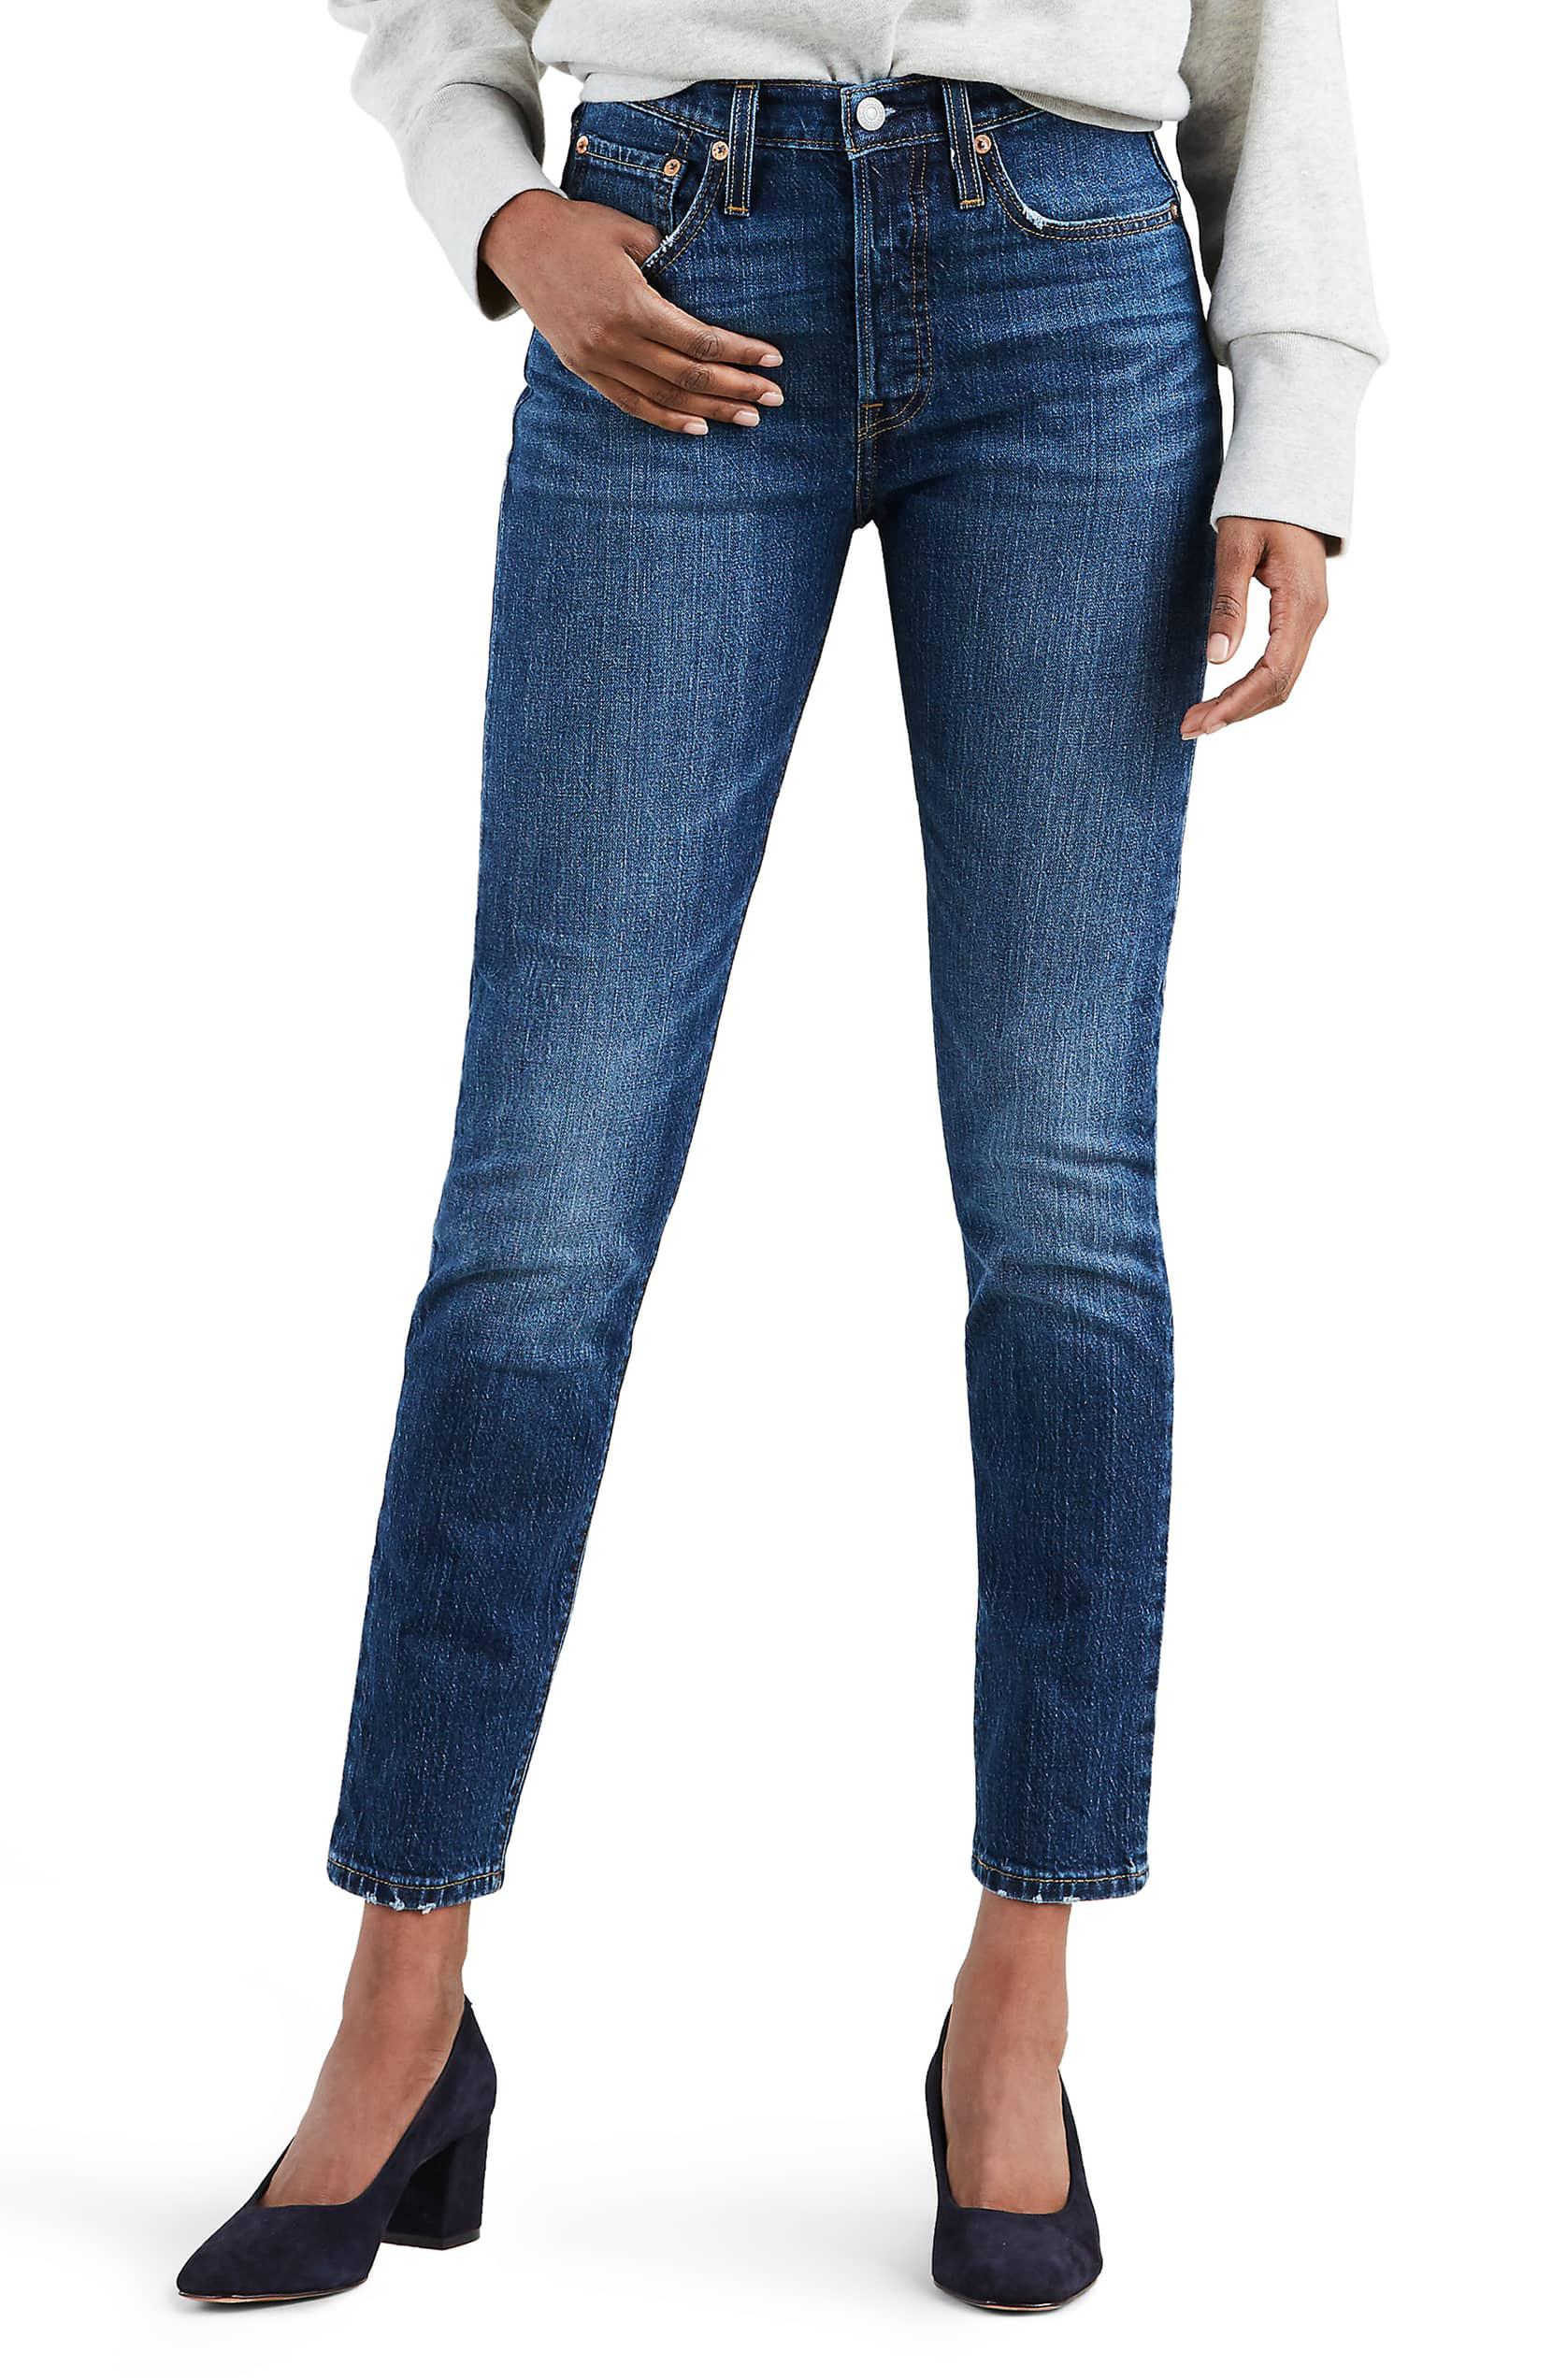 levi's 501 high waist ankle jeans